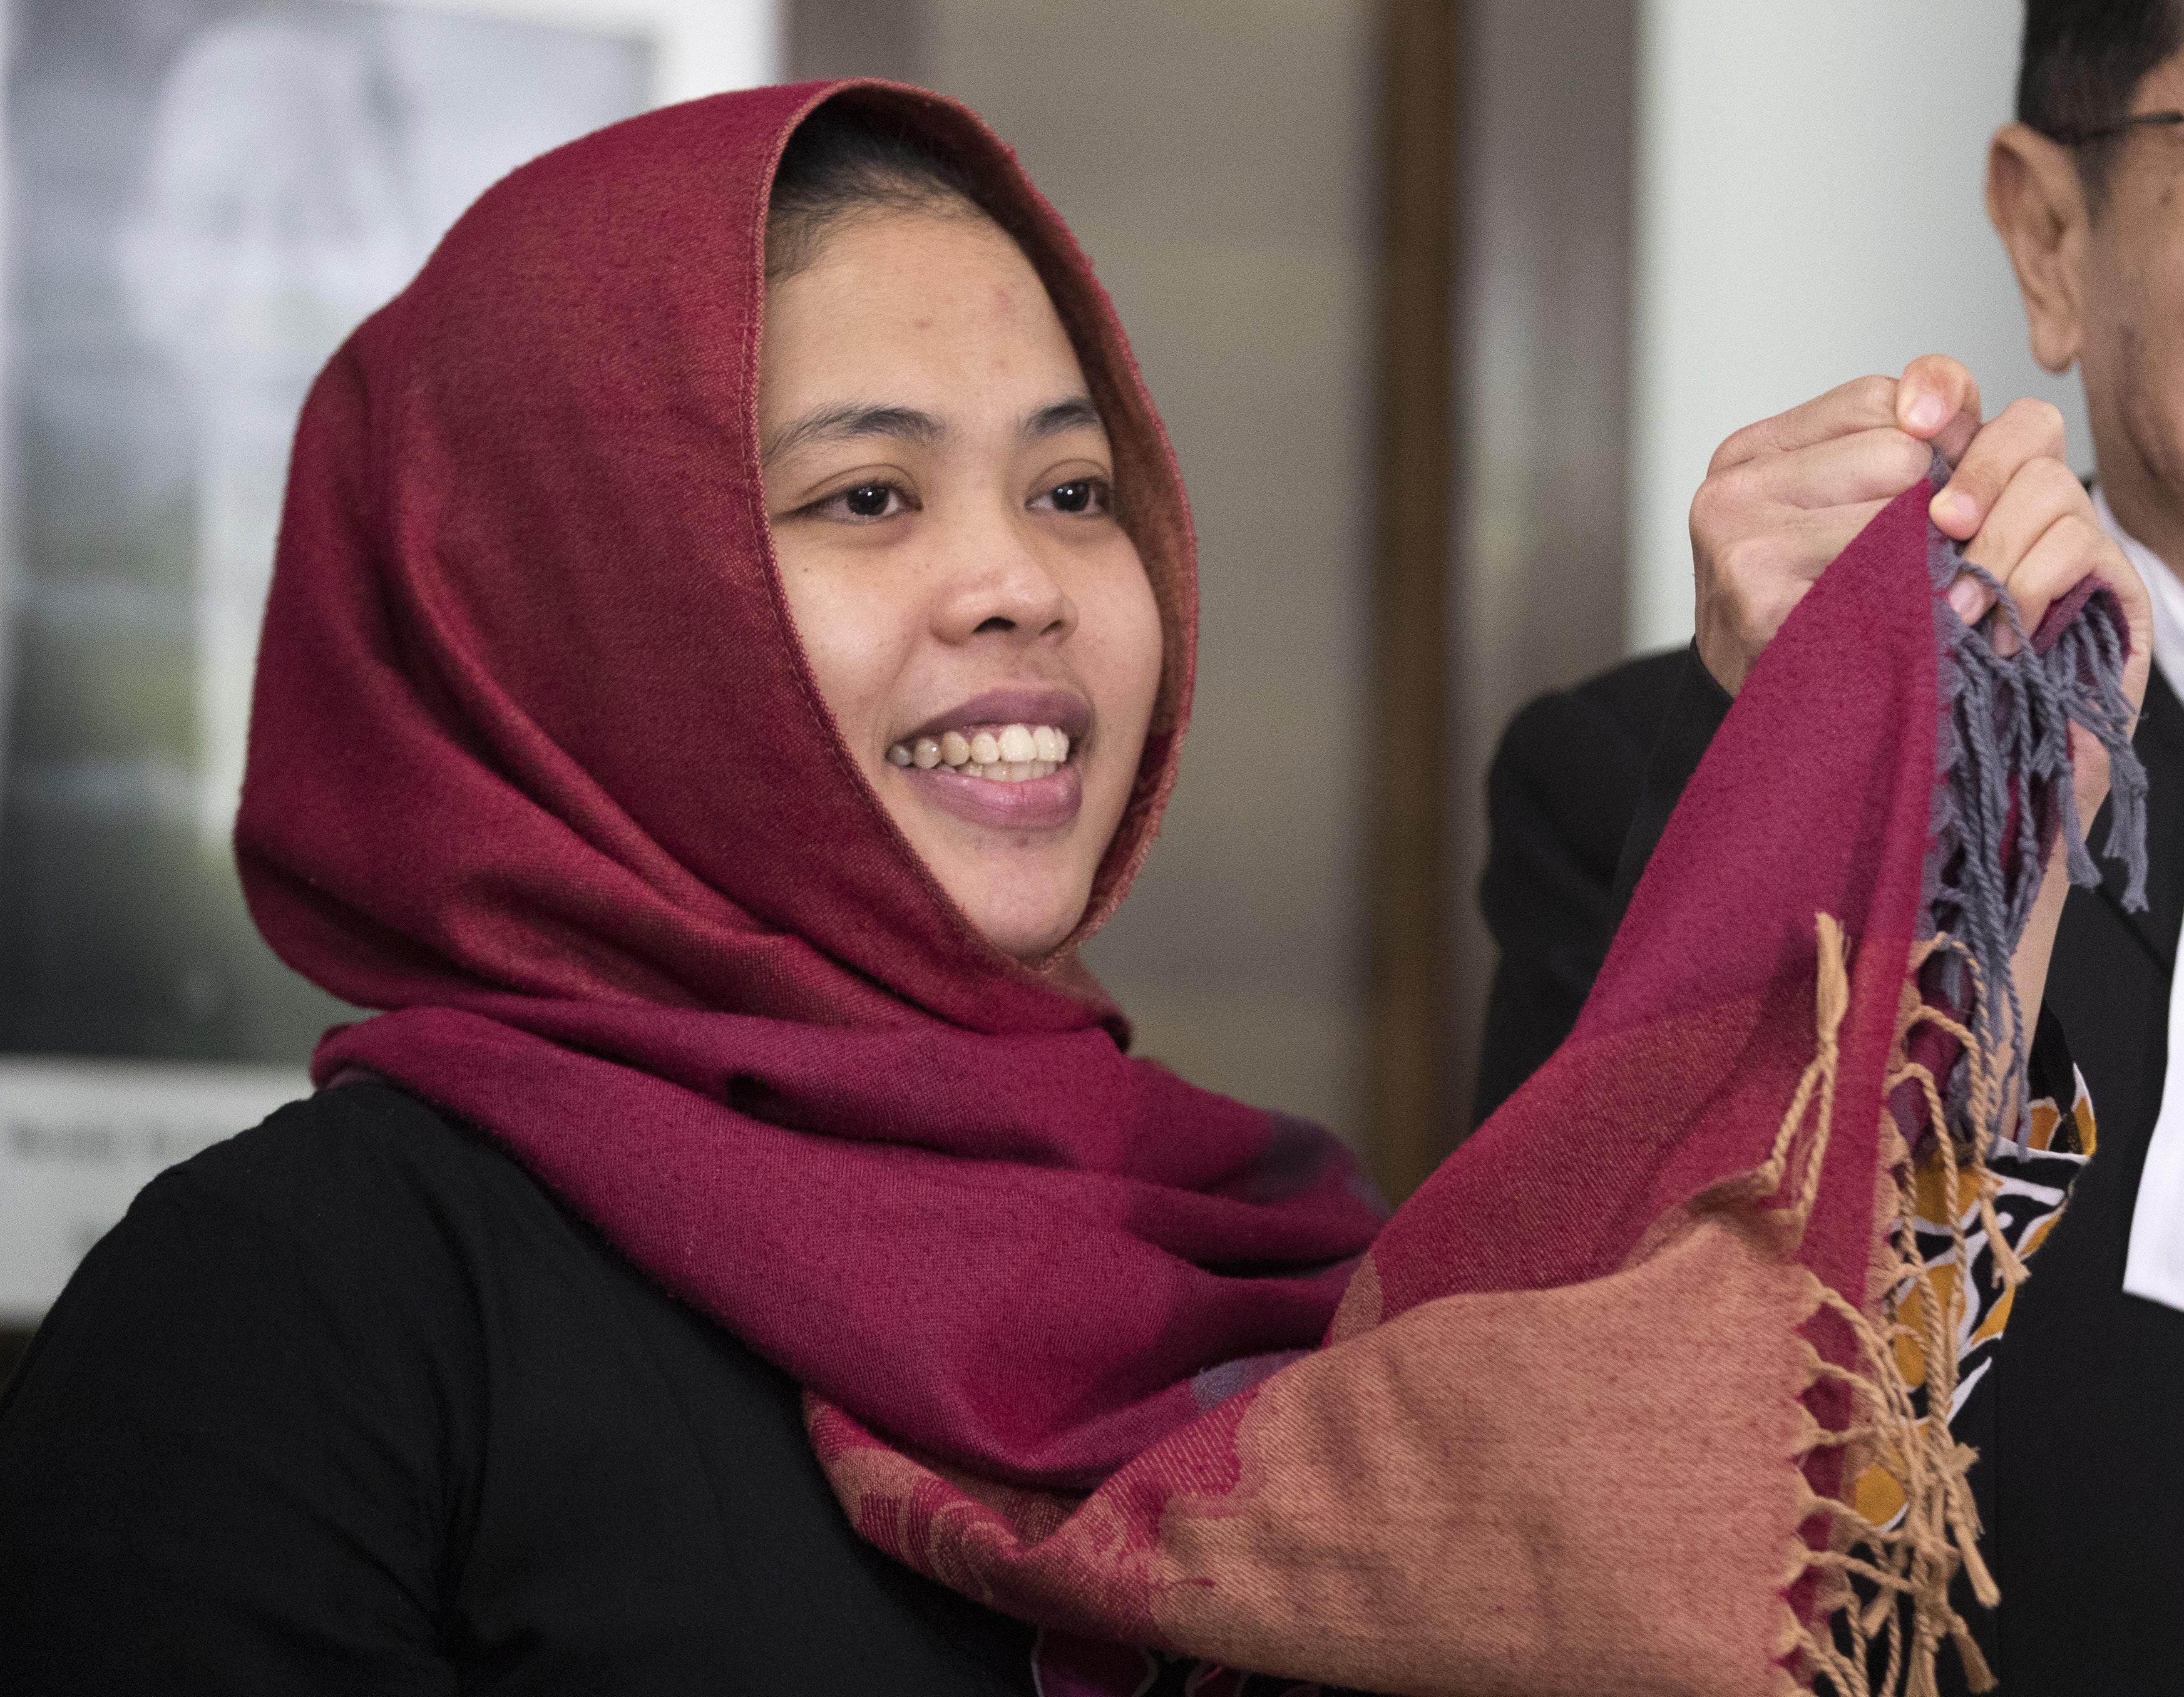 La indonesia Siti Aisyah (izquierda) sonríe junto a su abogado Gooi Soon Seng tras una conferencia de prensa en la embajada de Indonesia en Kuala Lumpur, Malasia, el 11 de marzo de 2019. (AP Foto/Vincent Thian)